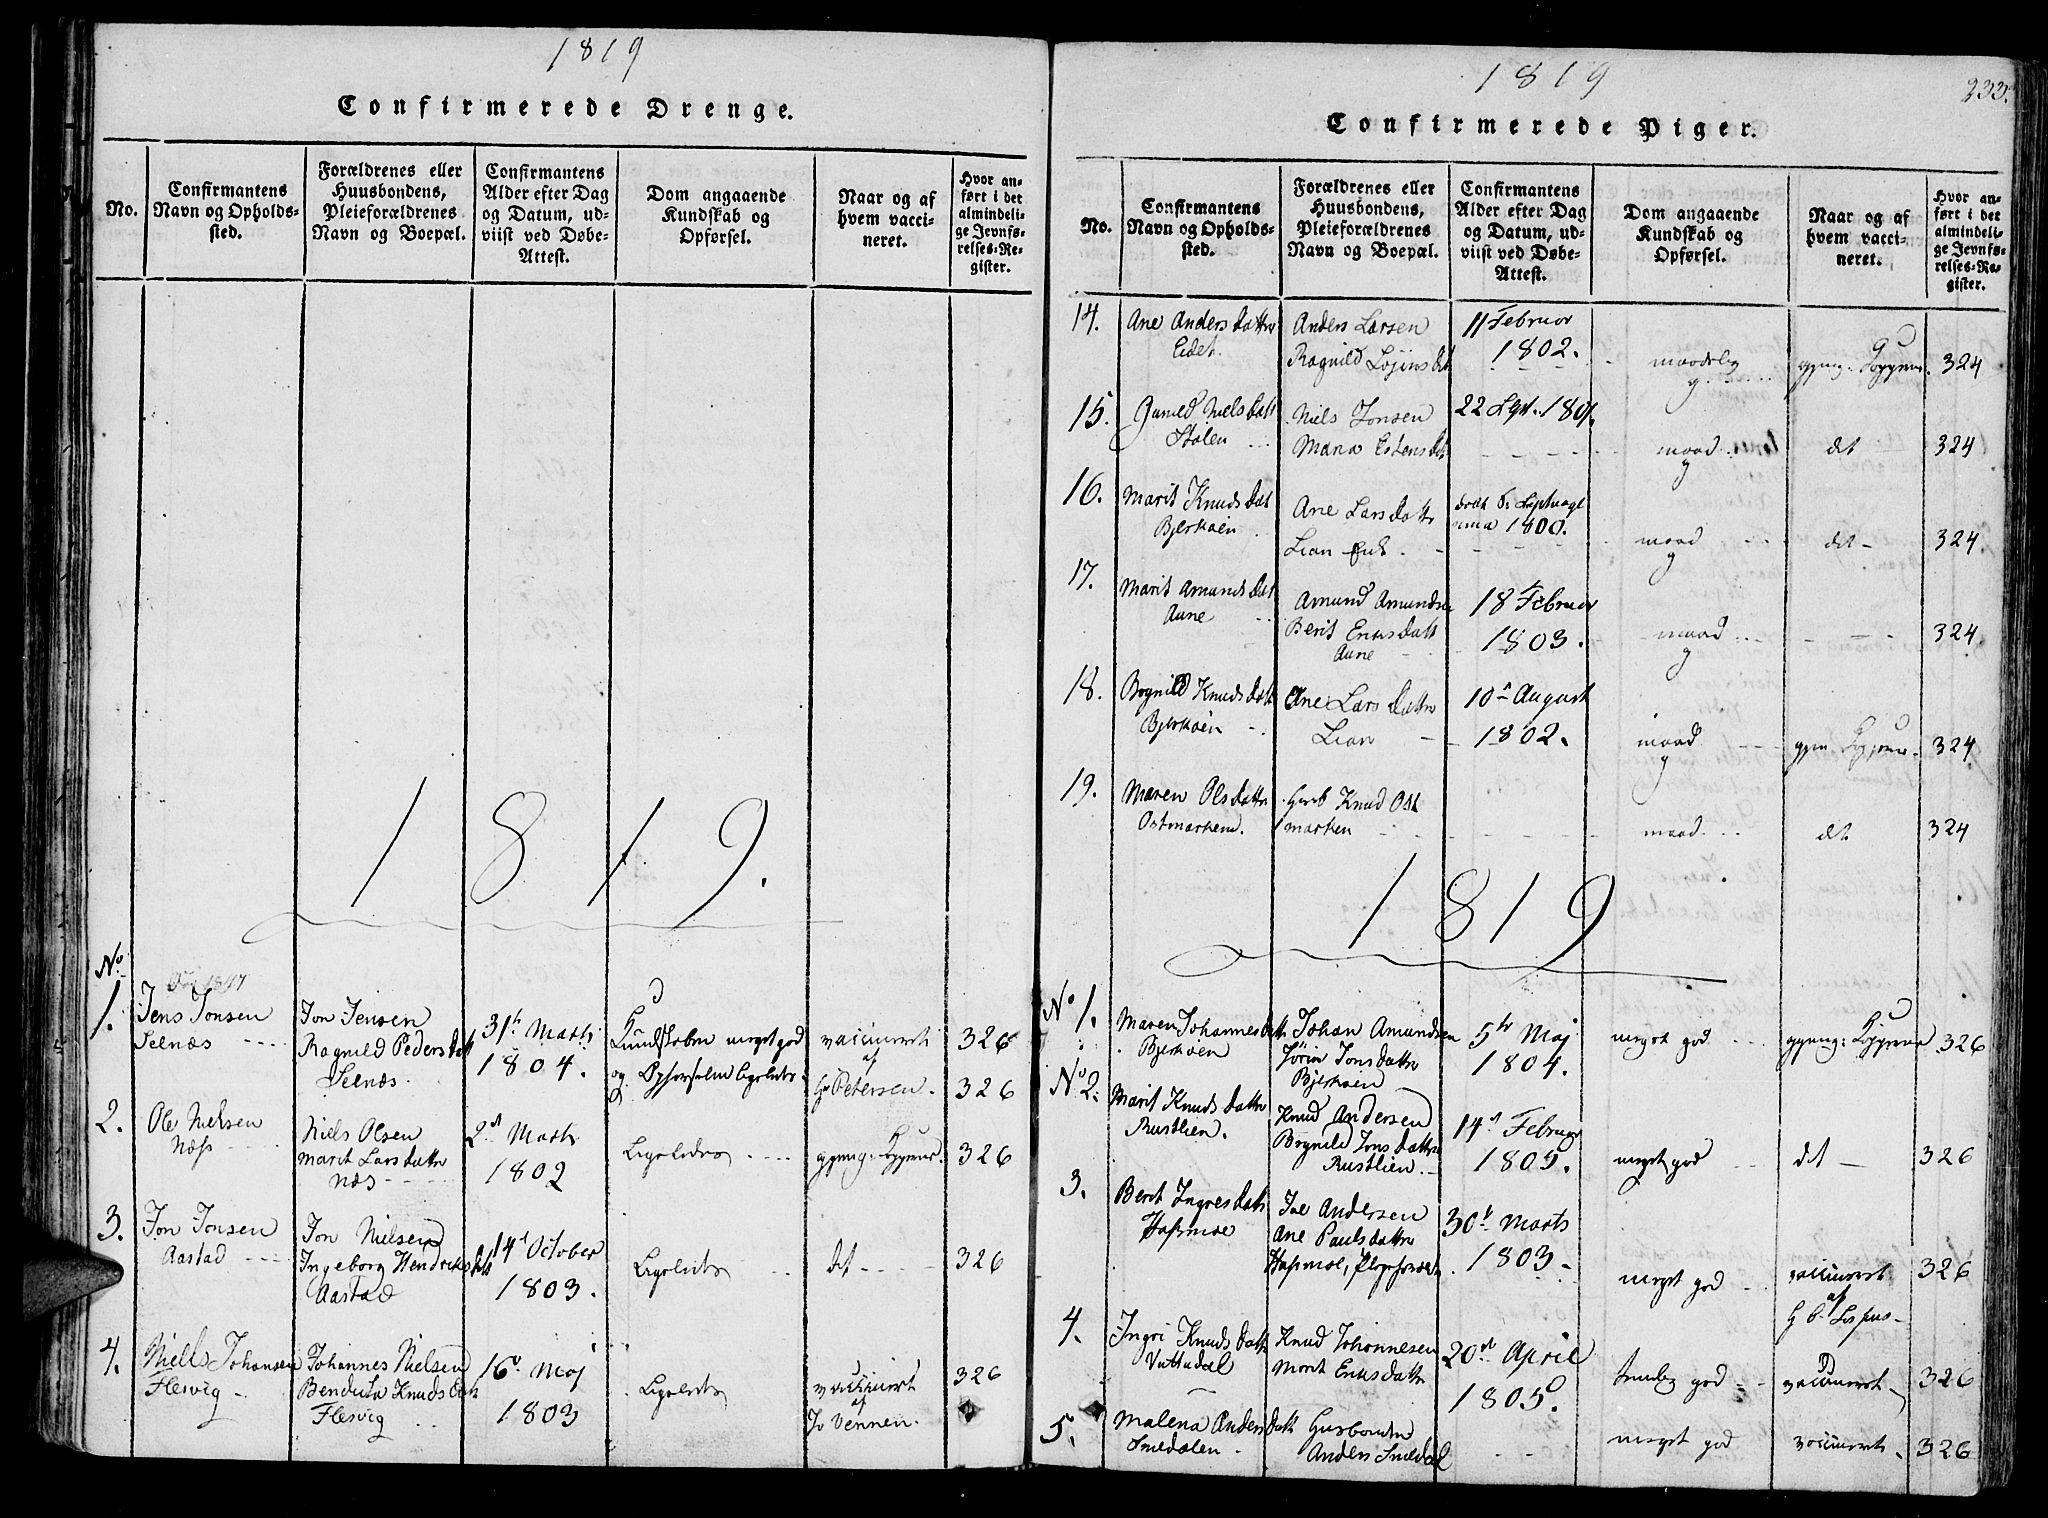 SAT, Ministerialprotokoller, klokkerbøker og fødselsregistre - Sør-Trøndelag, 630/L0491: Ministerialbok nr. 630A04, 1818-1830, s. 233